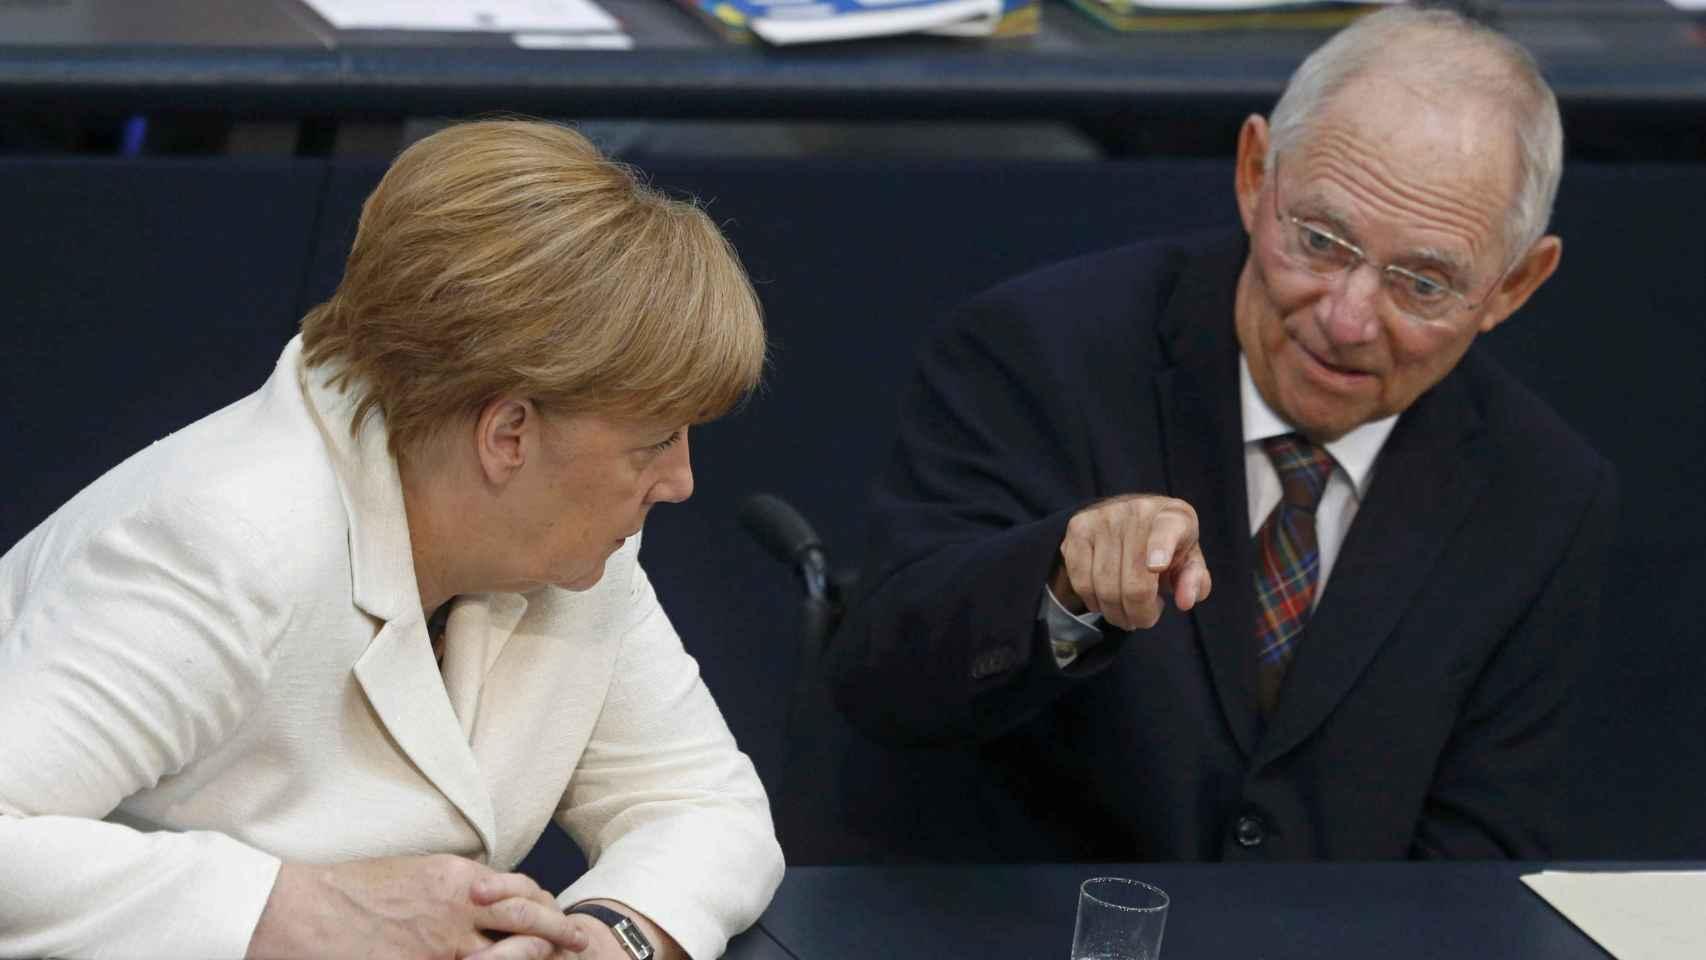 Angela Merkel y Wolfgang Schauble, canciller y ministro de finanzas de Alemania